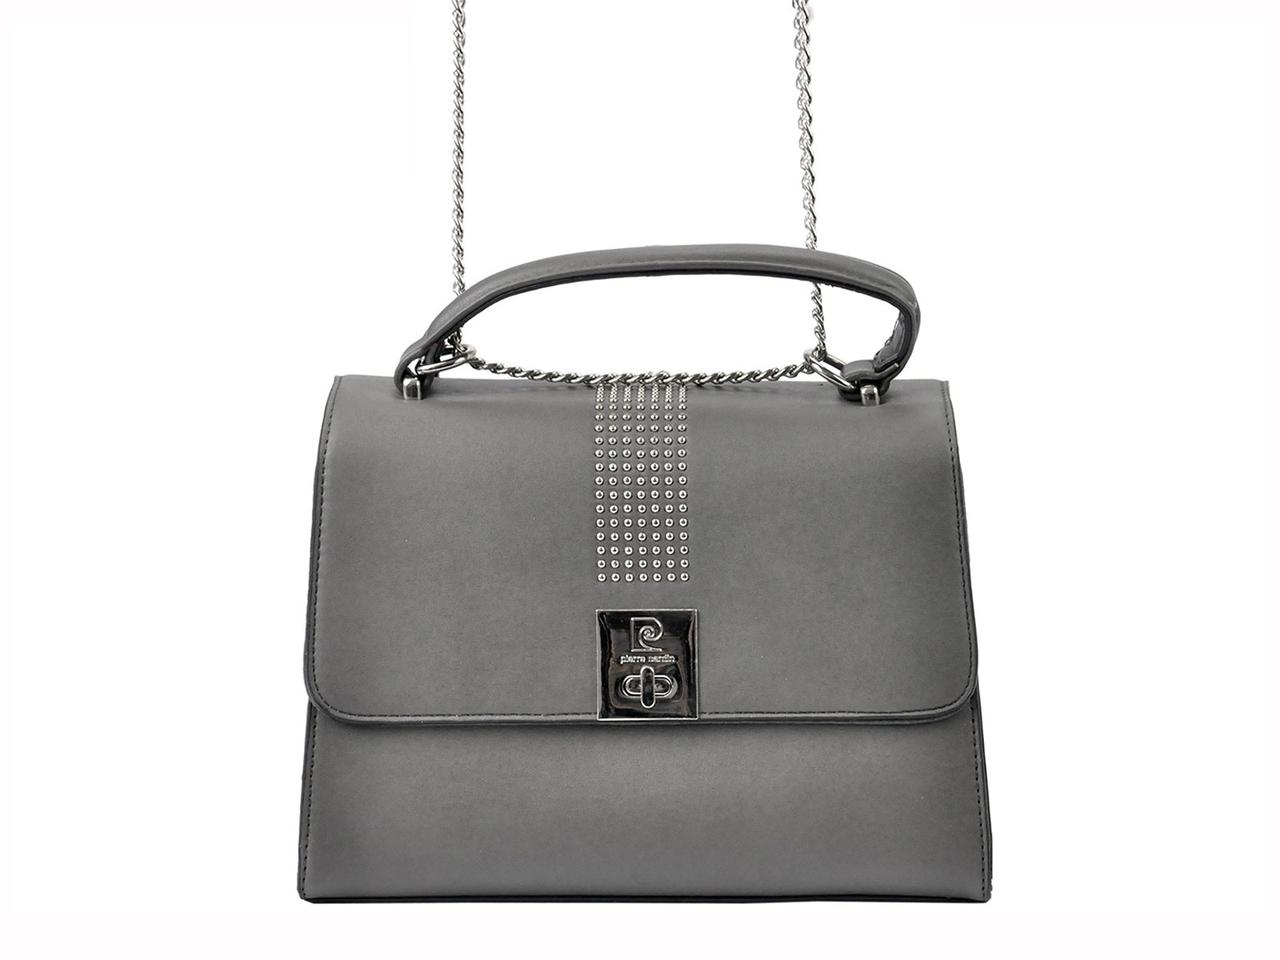 Жіноча сумка з екошкіри Pierre Cardin 3509 CLU02 Сірий